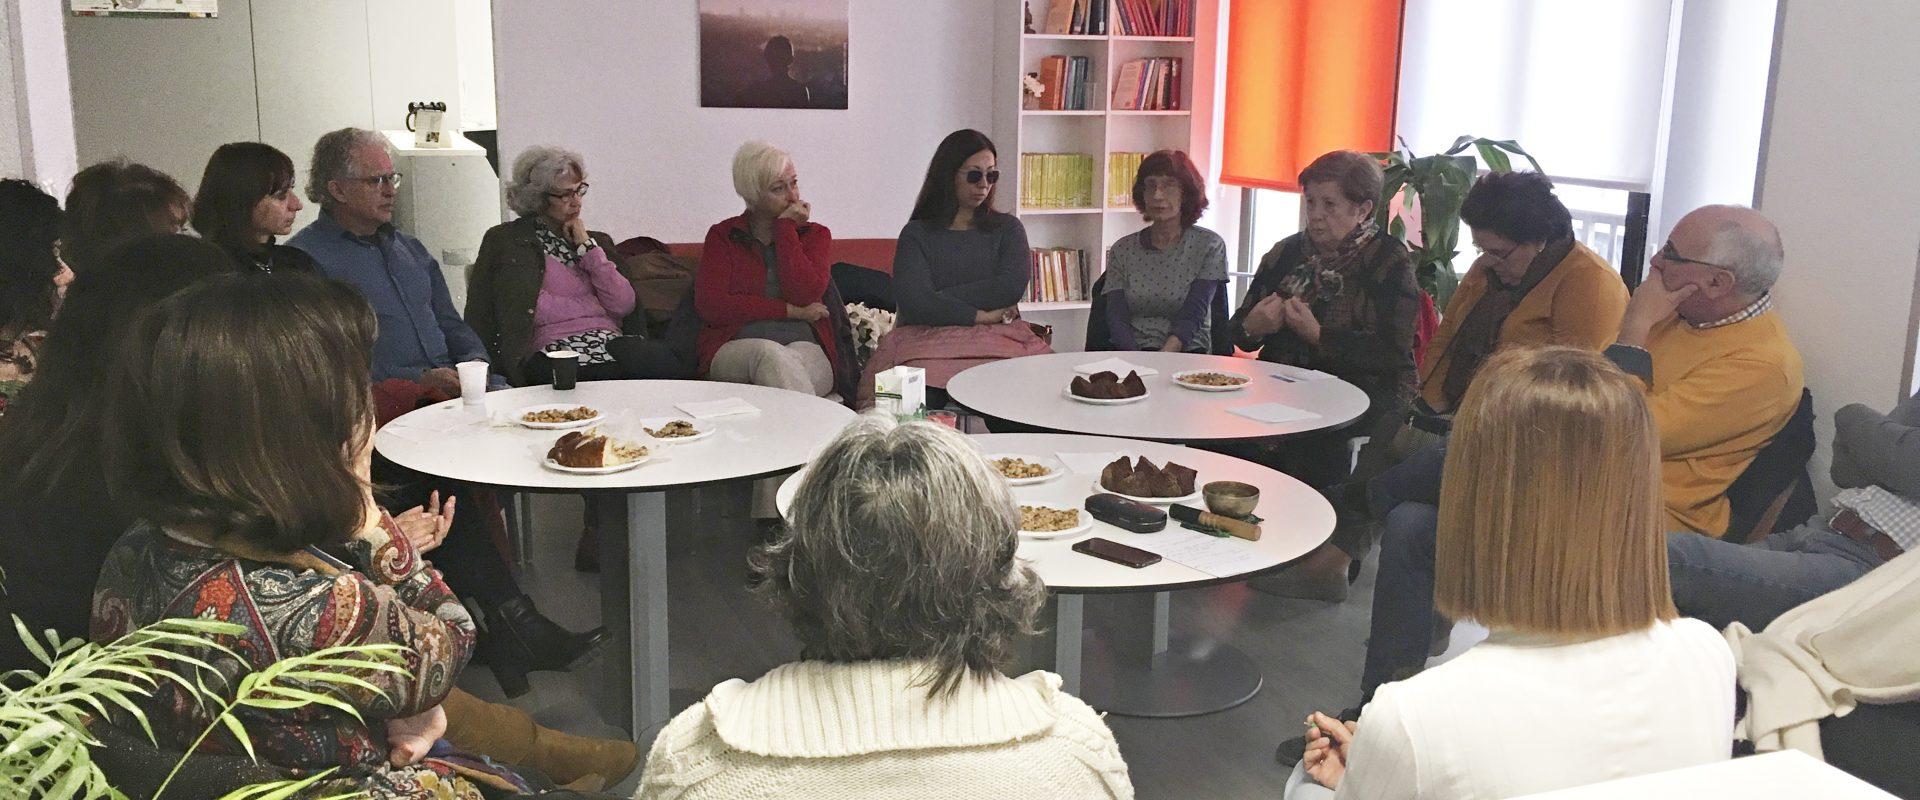 Vinyana Alicante -Death cafe 2018-11-16